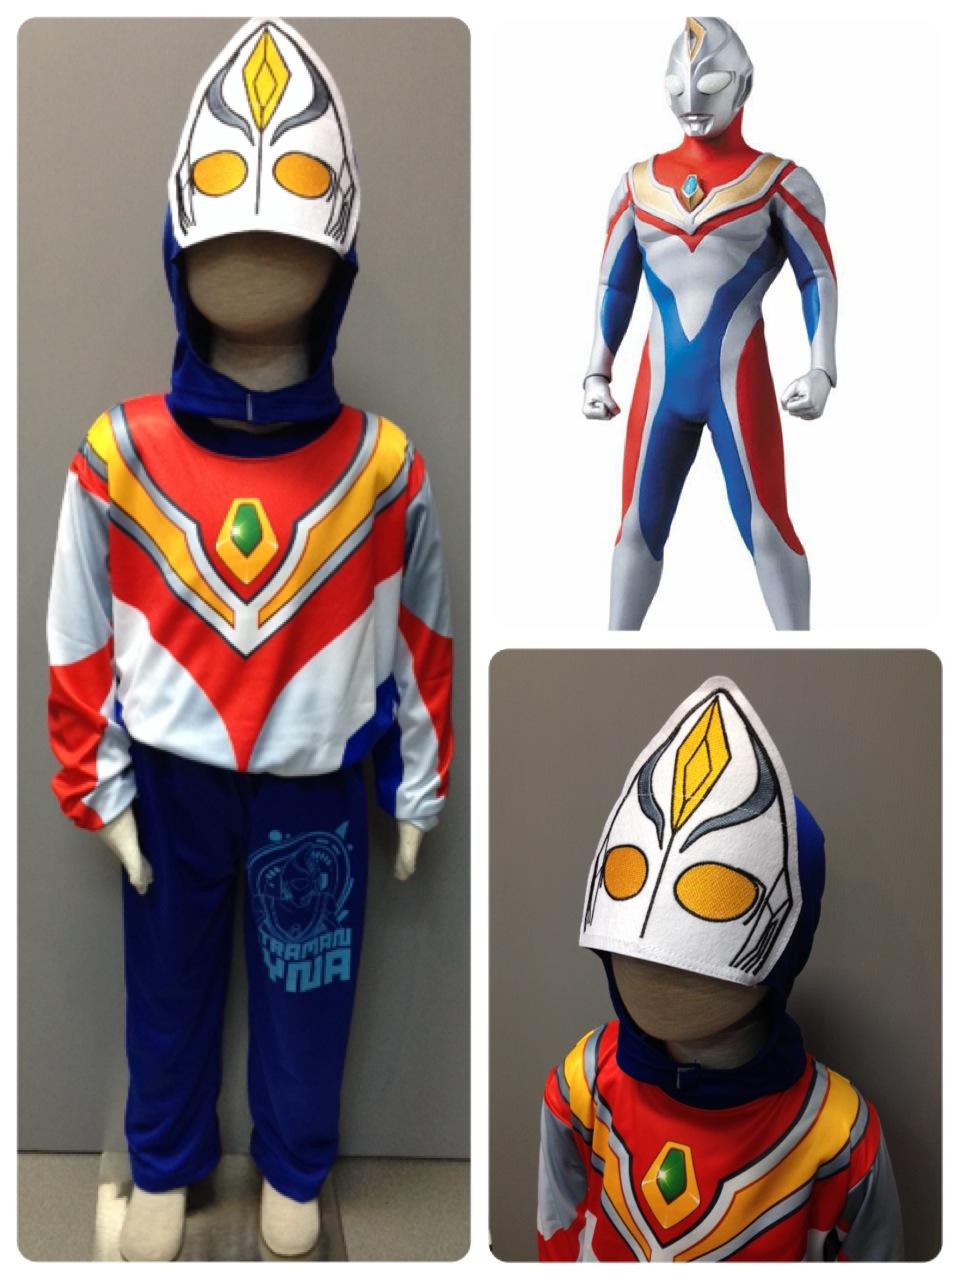 Ultraman Dyna (งานลิขสิทธิ์) ชุดแฟนซีเด็กอุลตร้าแมน ไดน่า 3 ชิ้น เสื้อ กางเกง & หน้ากาก ให้คุณหนูๆ ได้ใส่ตามจิตนาการ ผ้ามัน Polyester ใส่สบายค่ะ หรือจะใส่เป็นชุดนอนก็ได้ค่ะ ++แถม VCD การ์ตูน ++ size S, M, L, XL